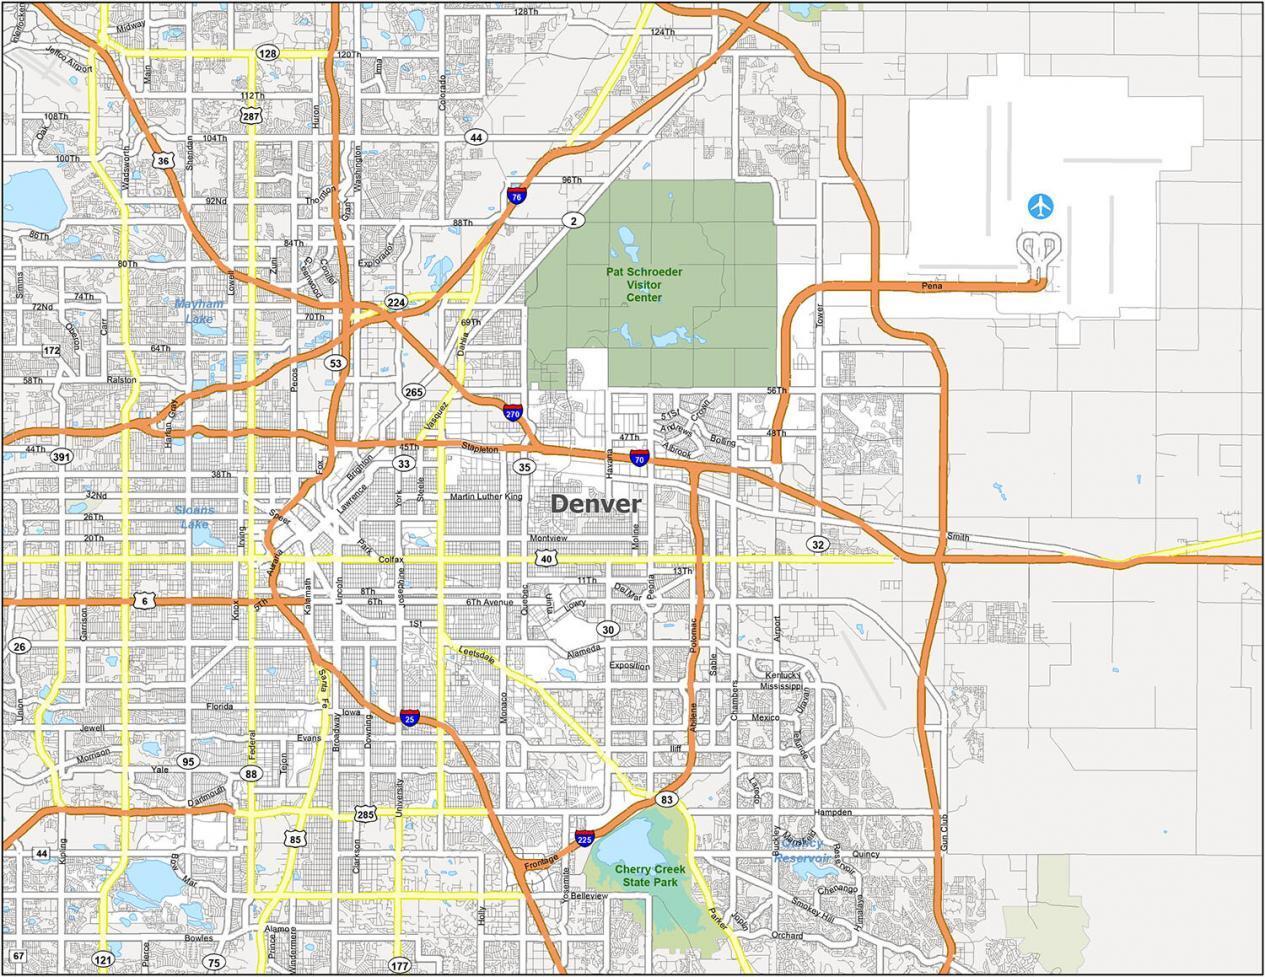 Denver Road Map